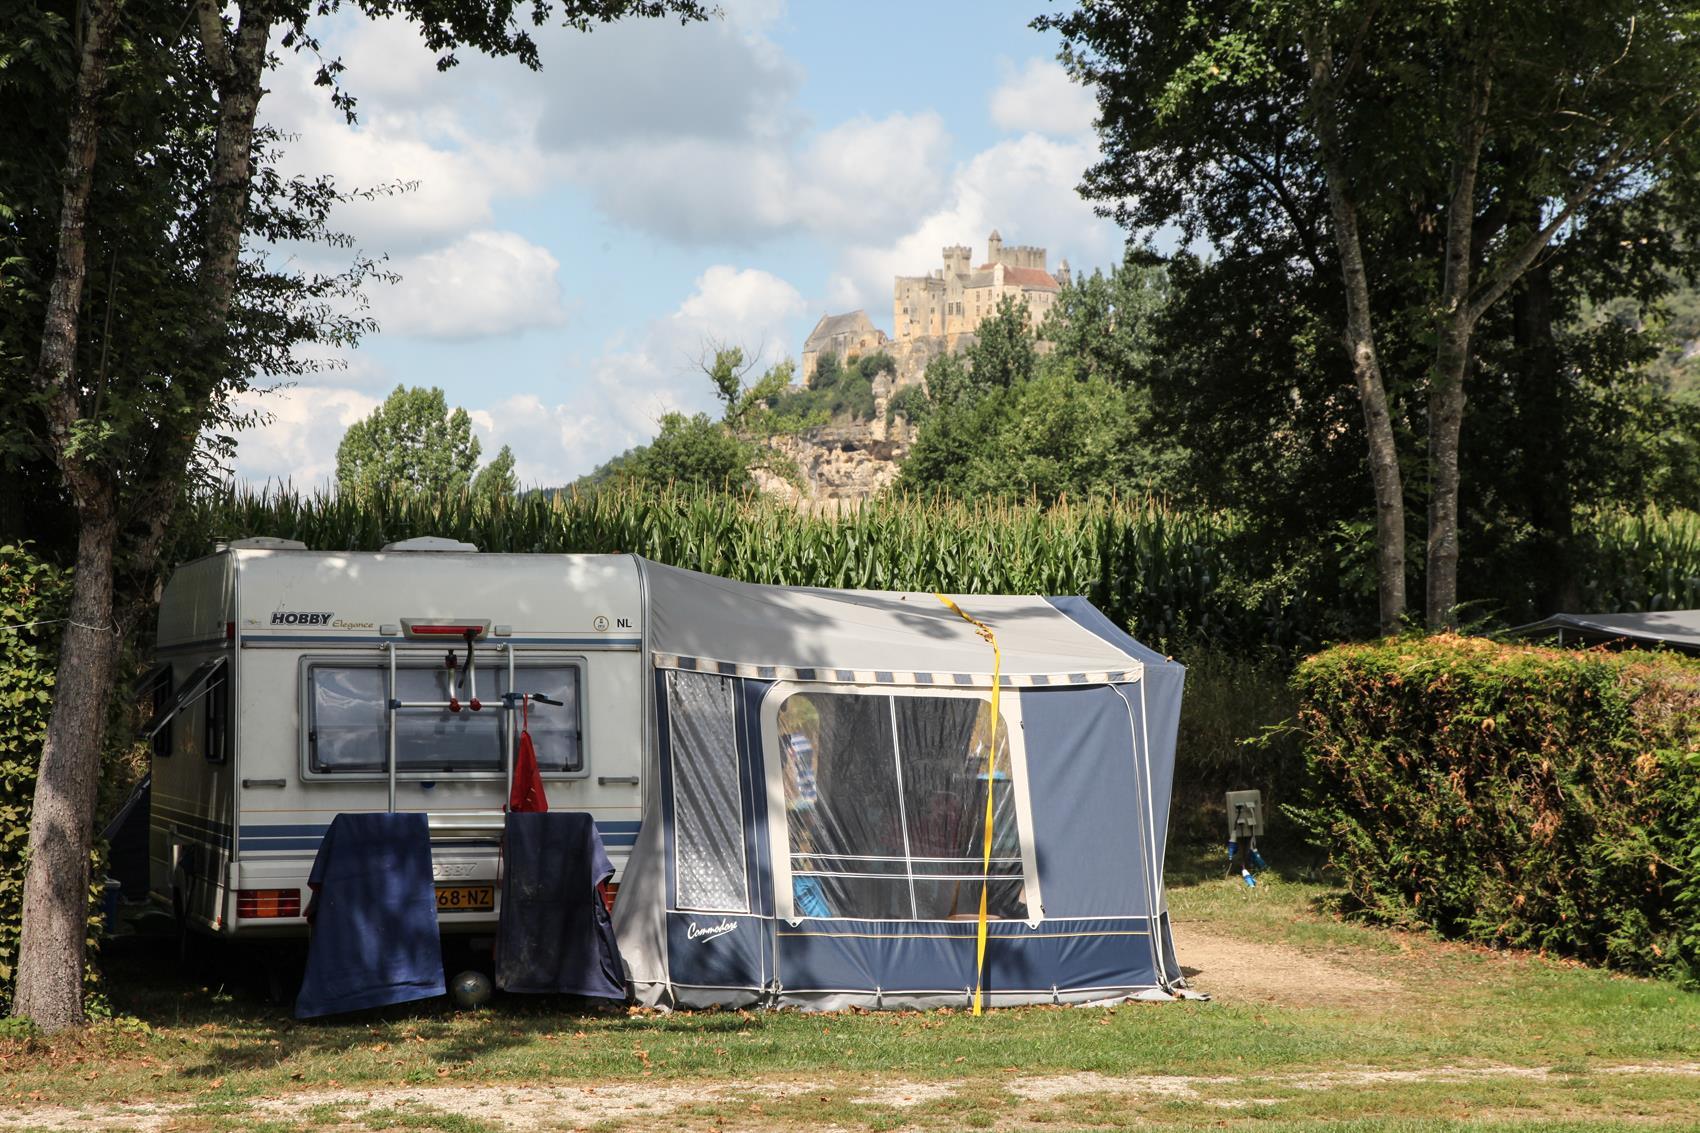 Emplacement - Emplacement L >=100M²-109M² Tente Ou 1 Caravane Ou 1 Camping-Car - Camping Les Deux Vallées